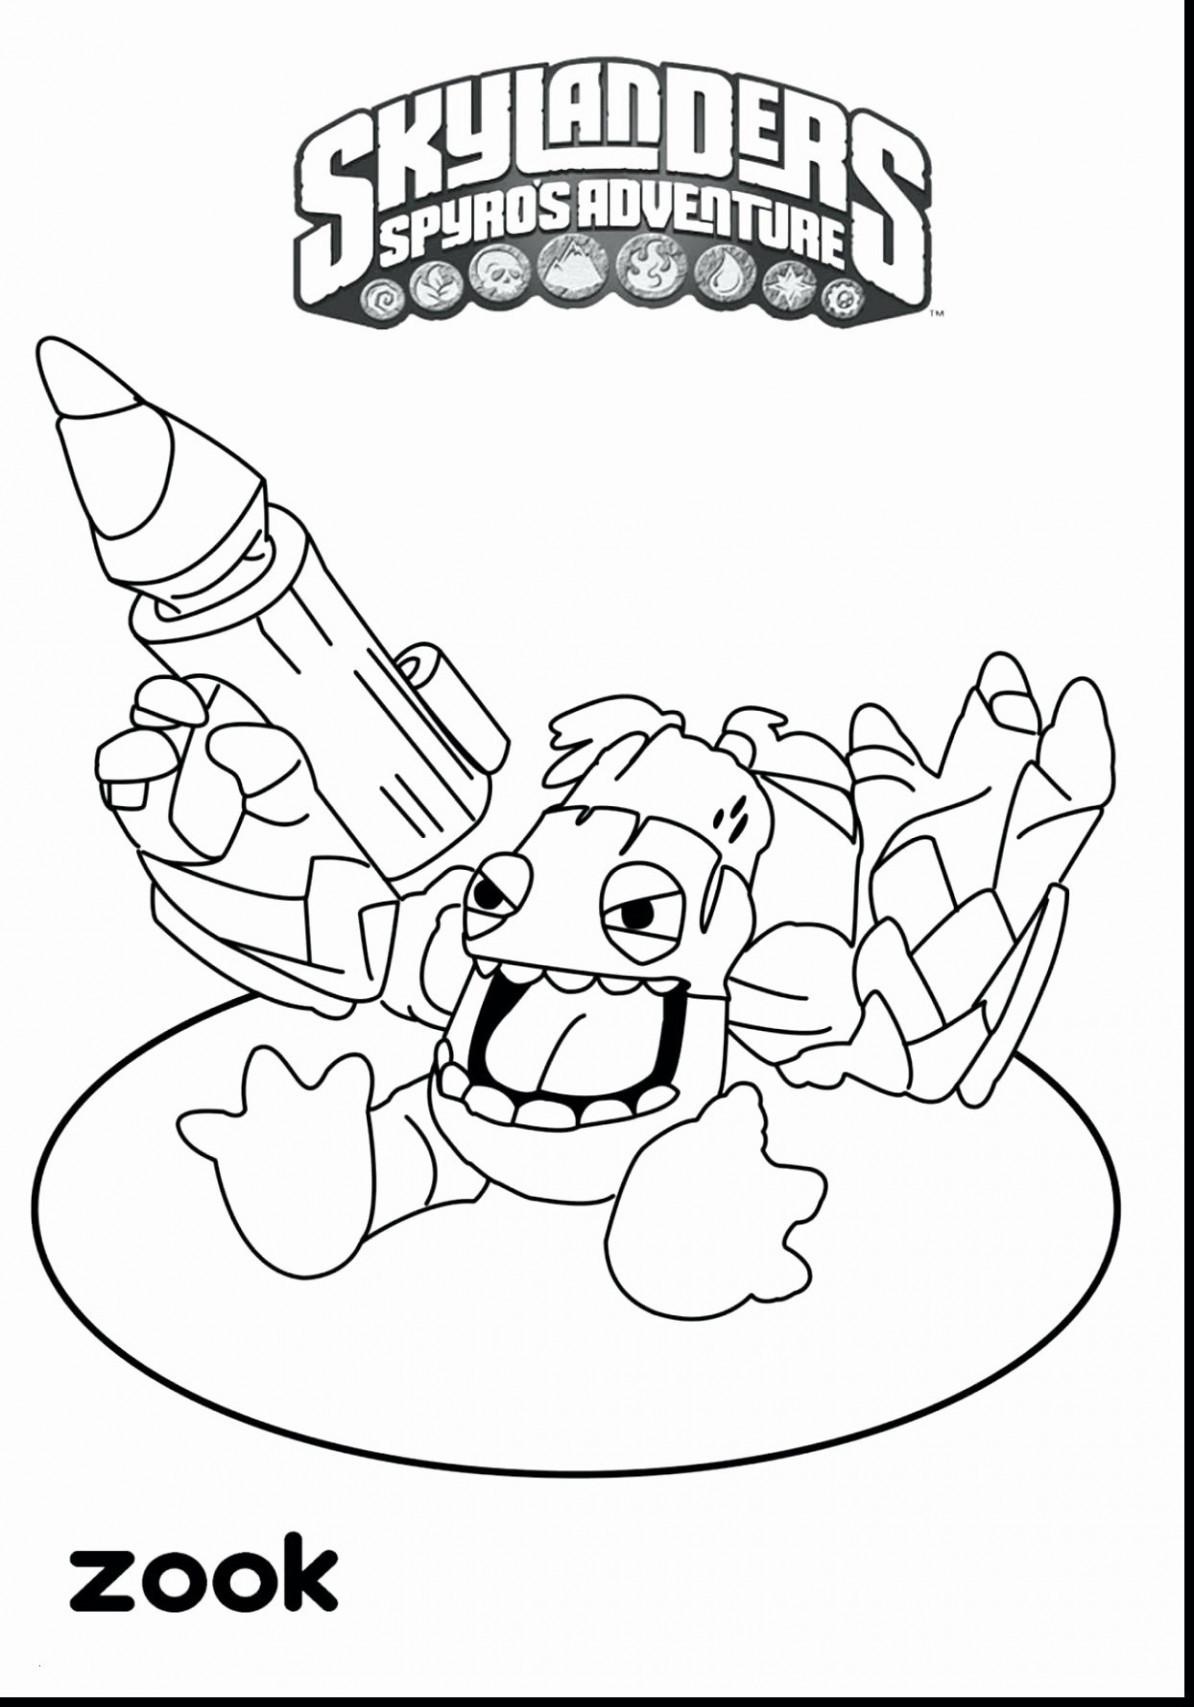 Ausmalbilder Weihnachten Micky Maus Frisch Mickey Mouse to Color Das Bild